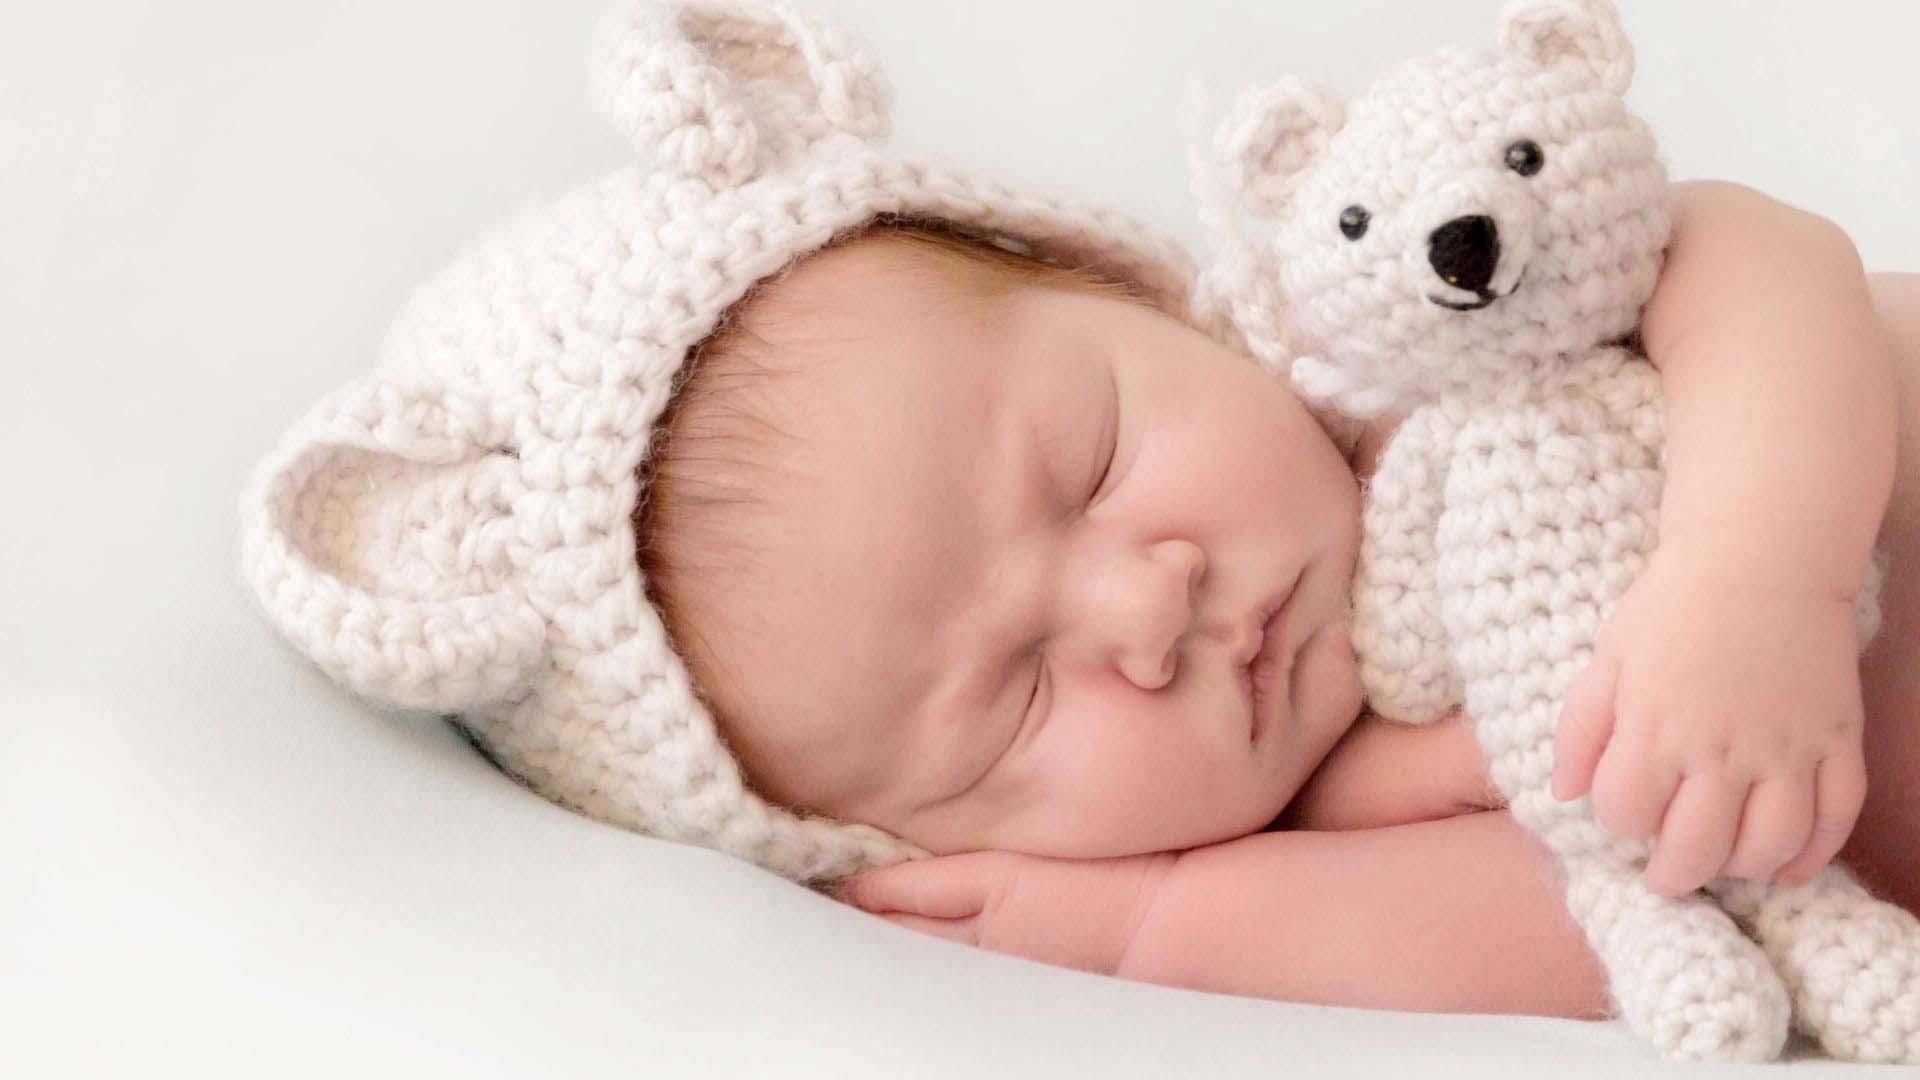 Newborn fotografie - Your Best Memories